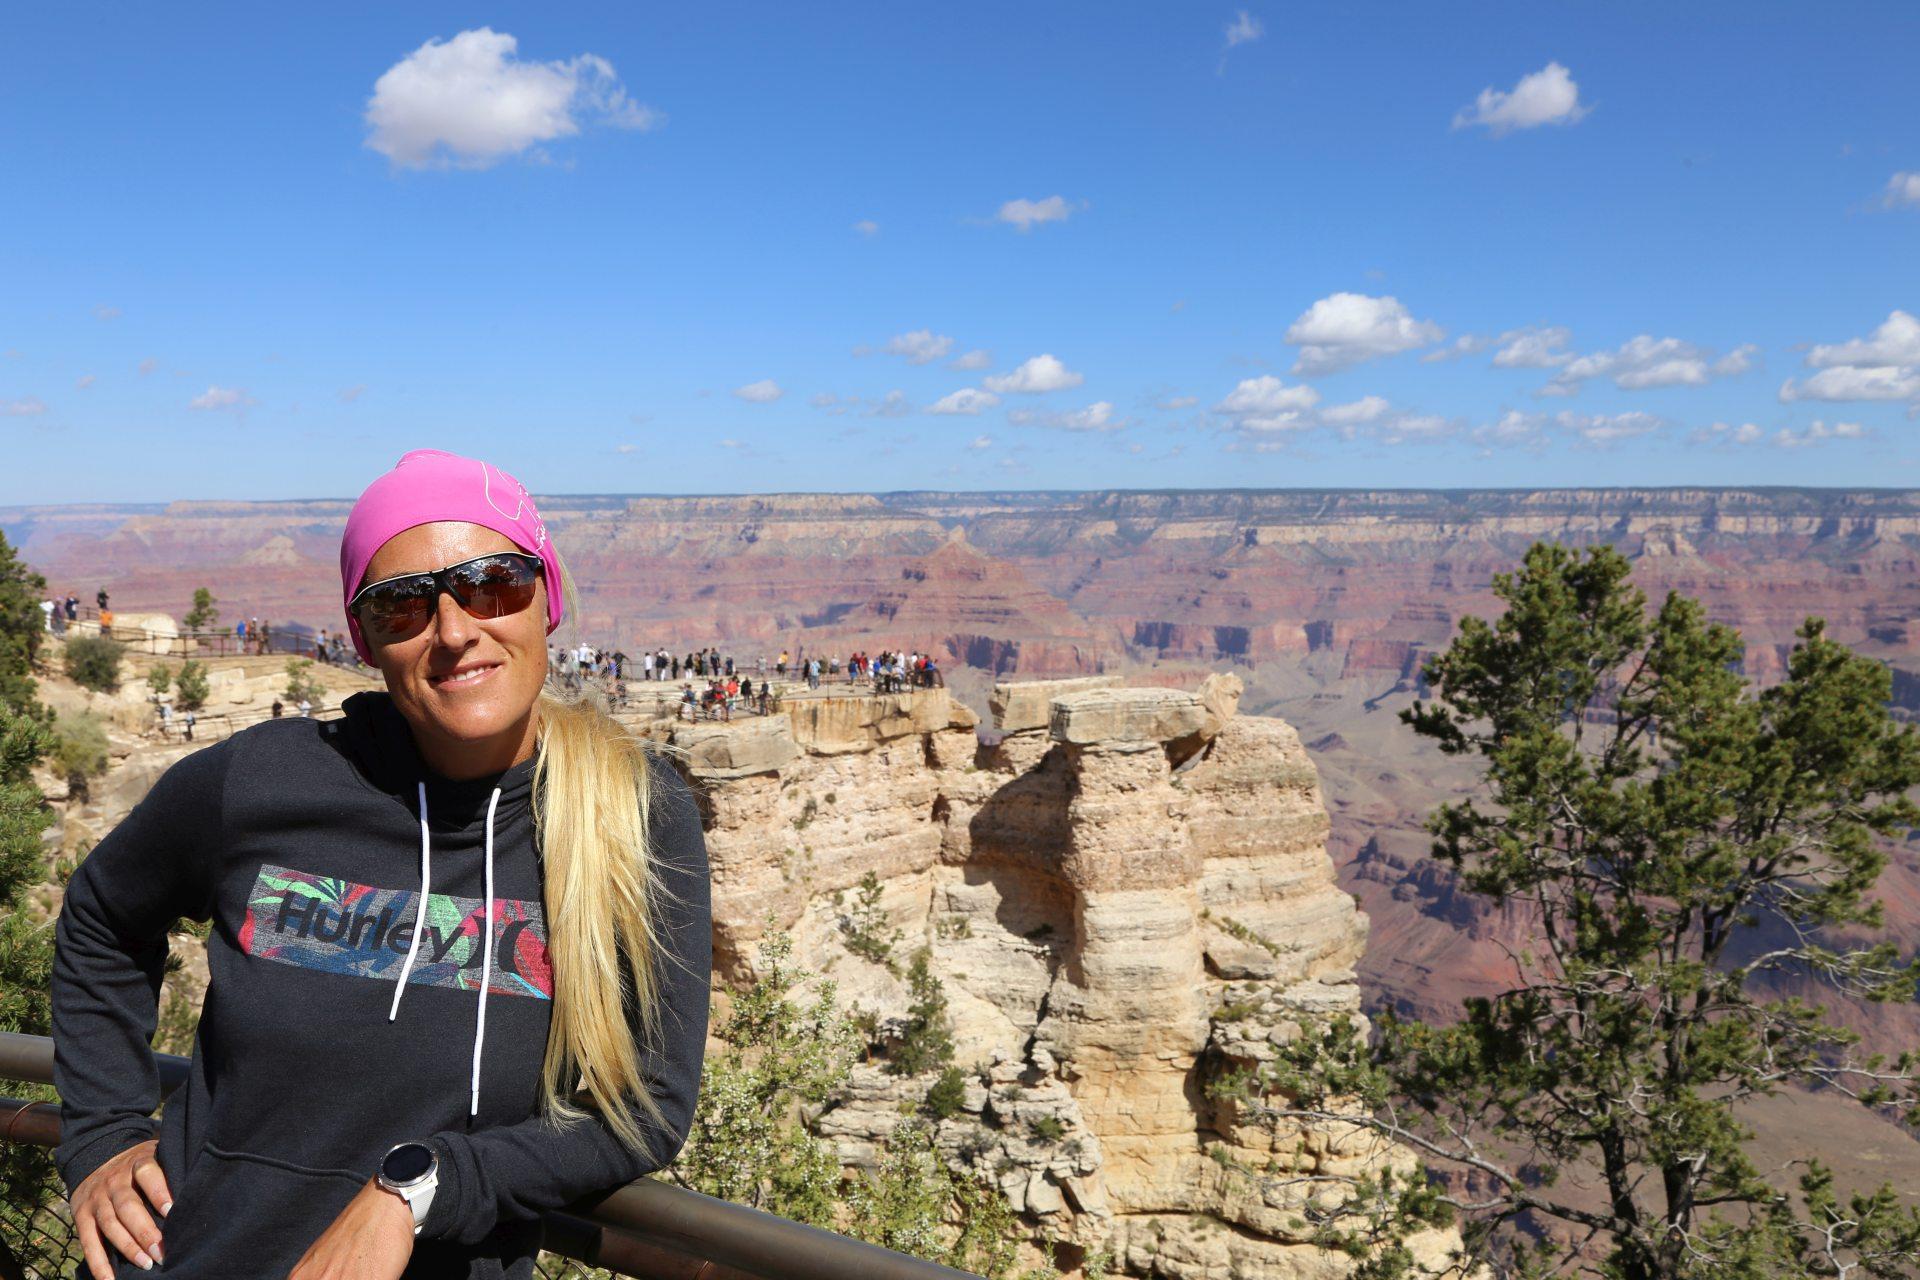 Was für eine Aussicht! - Arizona, Aussicht, Aussichtspunkt, Blondine, Canyon, Fernsicht, Grand Canyon National Park, Himmel, Klippen, Landschaft, Mather Point, Natur, Panorama, Personen, Portrait, Porträt, Rim Trail, Schatten, Schlucht, Wattewolken, Wolken - HOFBAUER-HOFMANN Sofia - (Grand Canyon, Arizona, Vereinigte Staaten)